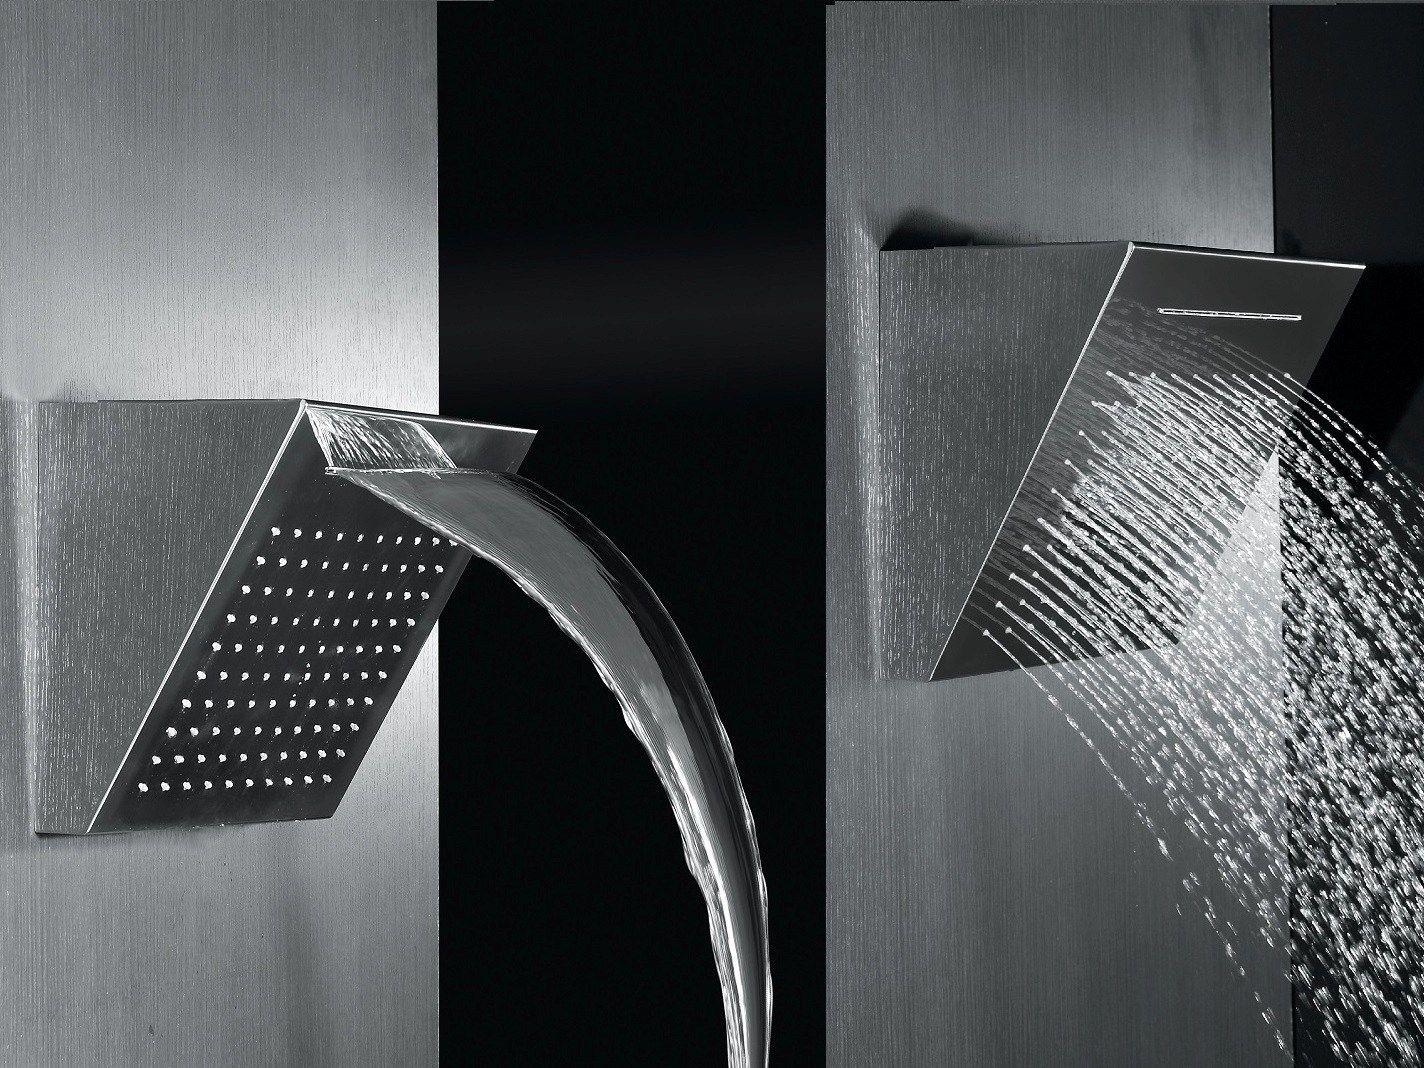 T te de douche cascade mural effet pluie en acier design shower 2014 collec - Tete de douche pluie ...